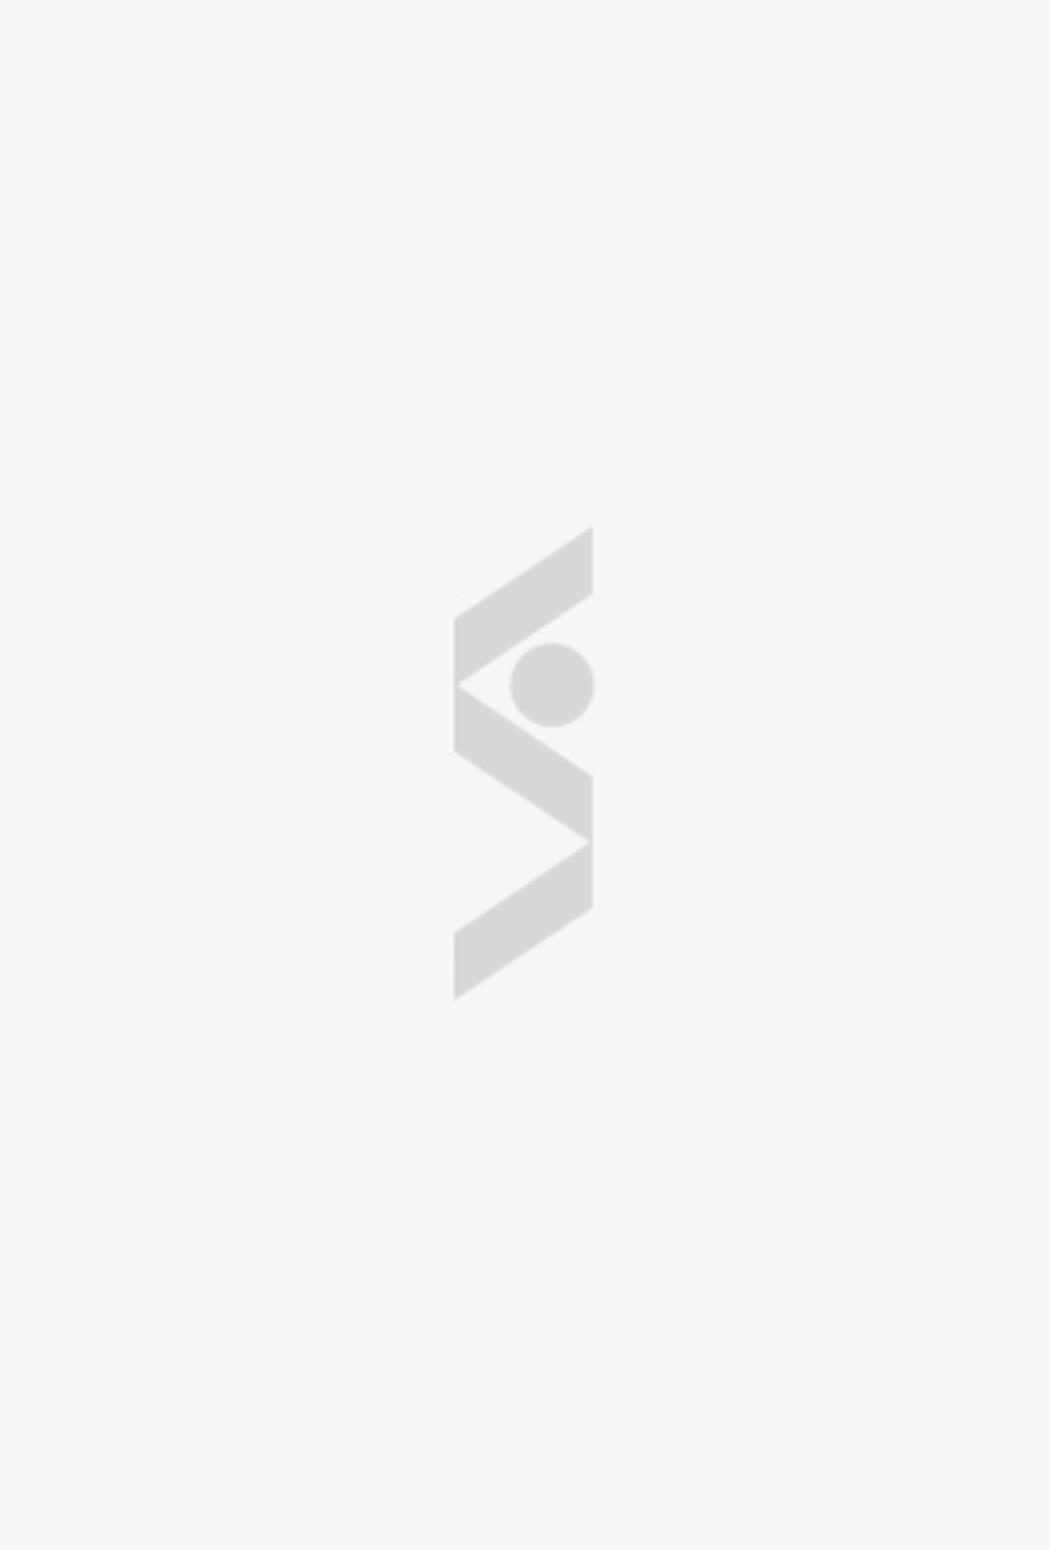 Косметика elf купить в москве самовывоз tannymax косметика для солярия купить спб